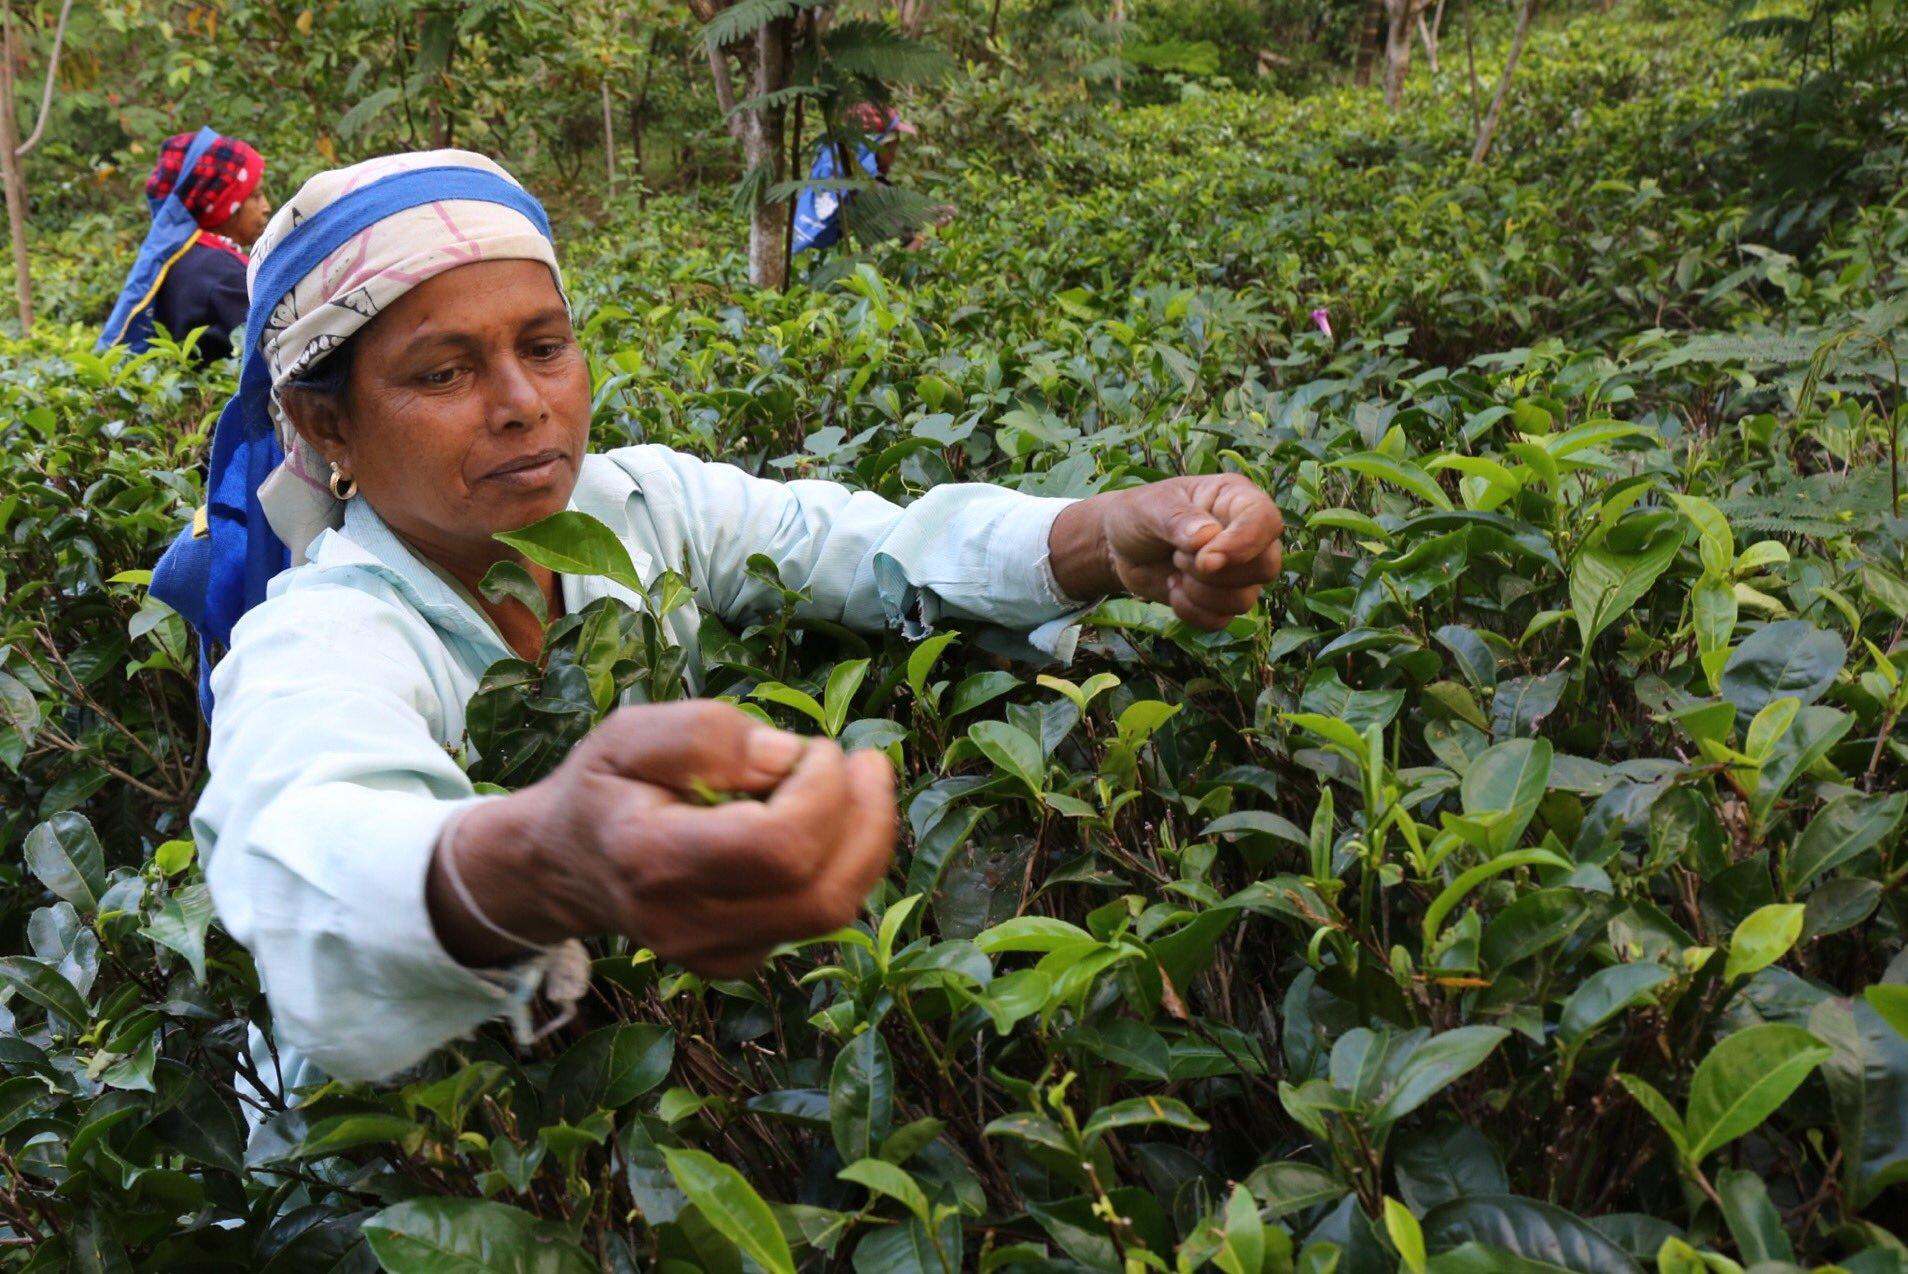 Tamil and Sinhalese workers pick tea at Amba Estate. Ambadandegama Valley, Sri Lanka